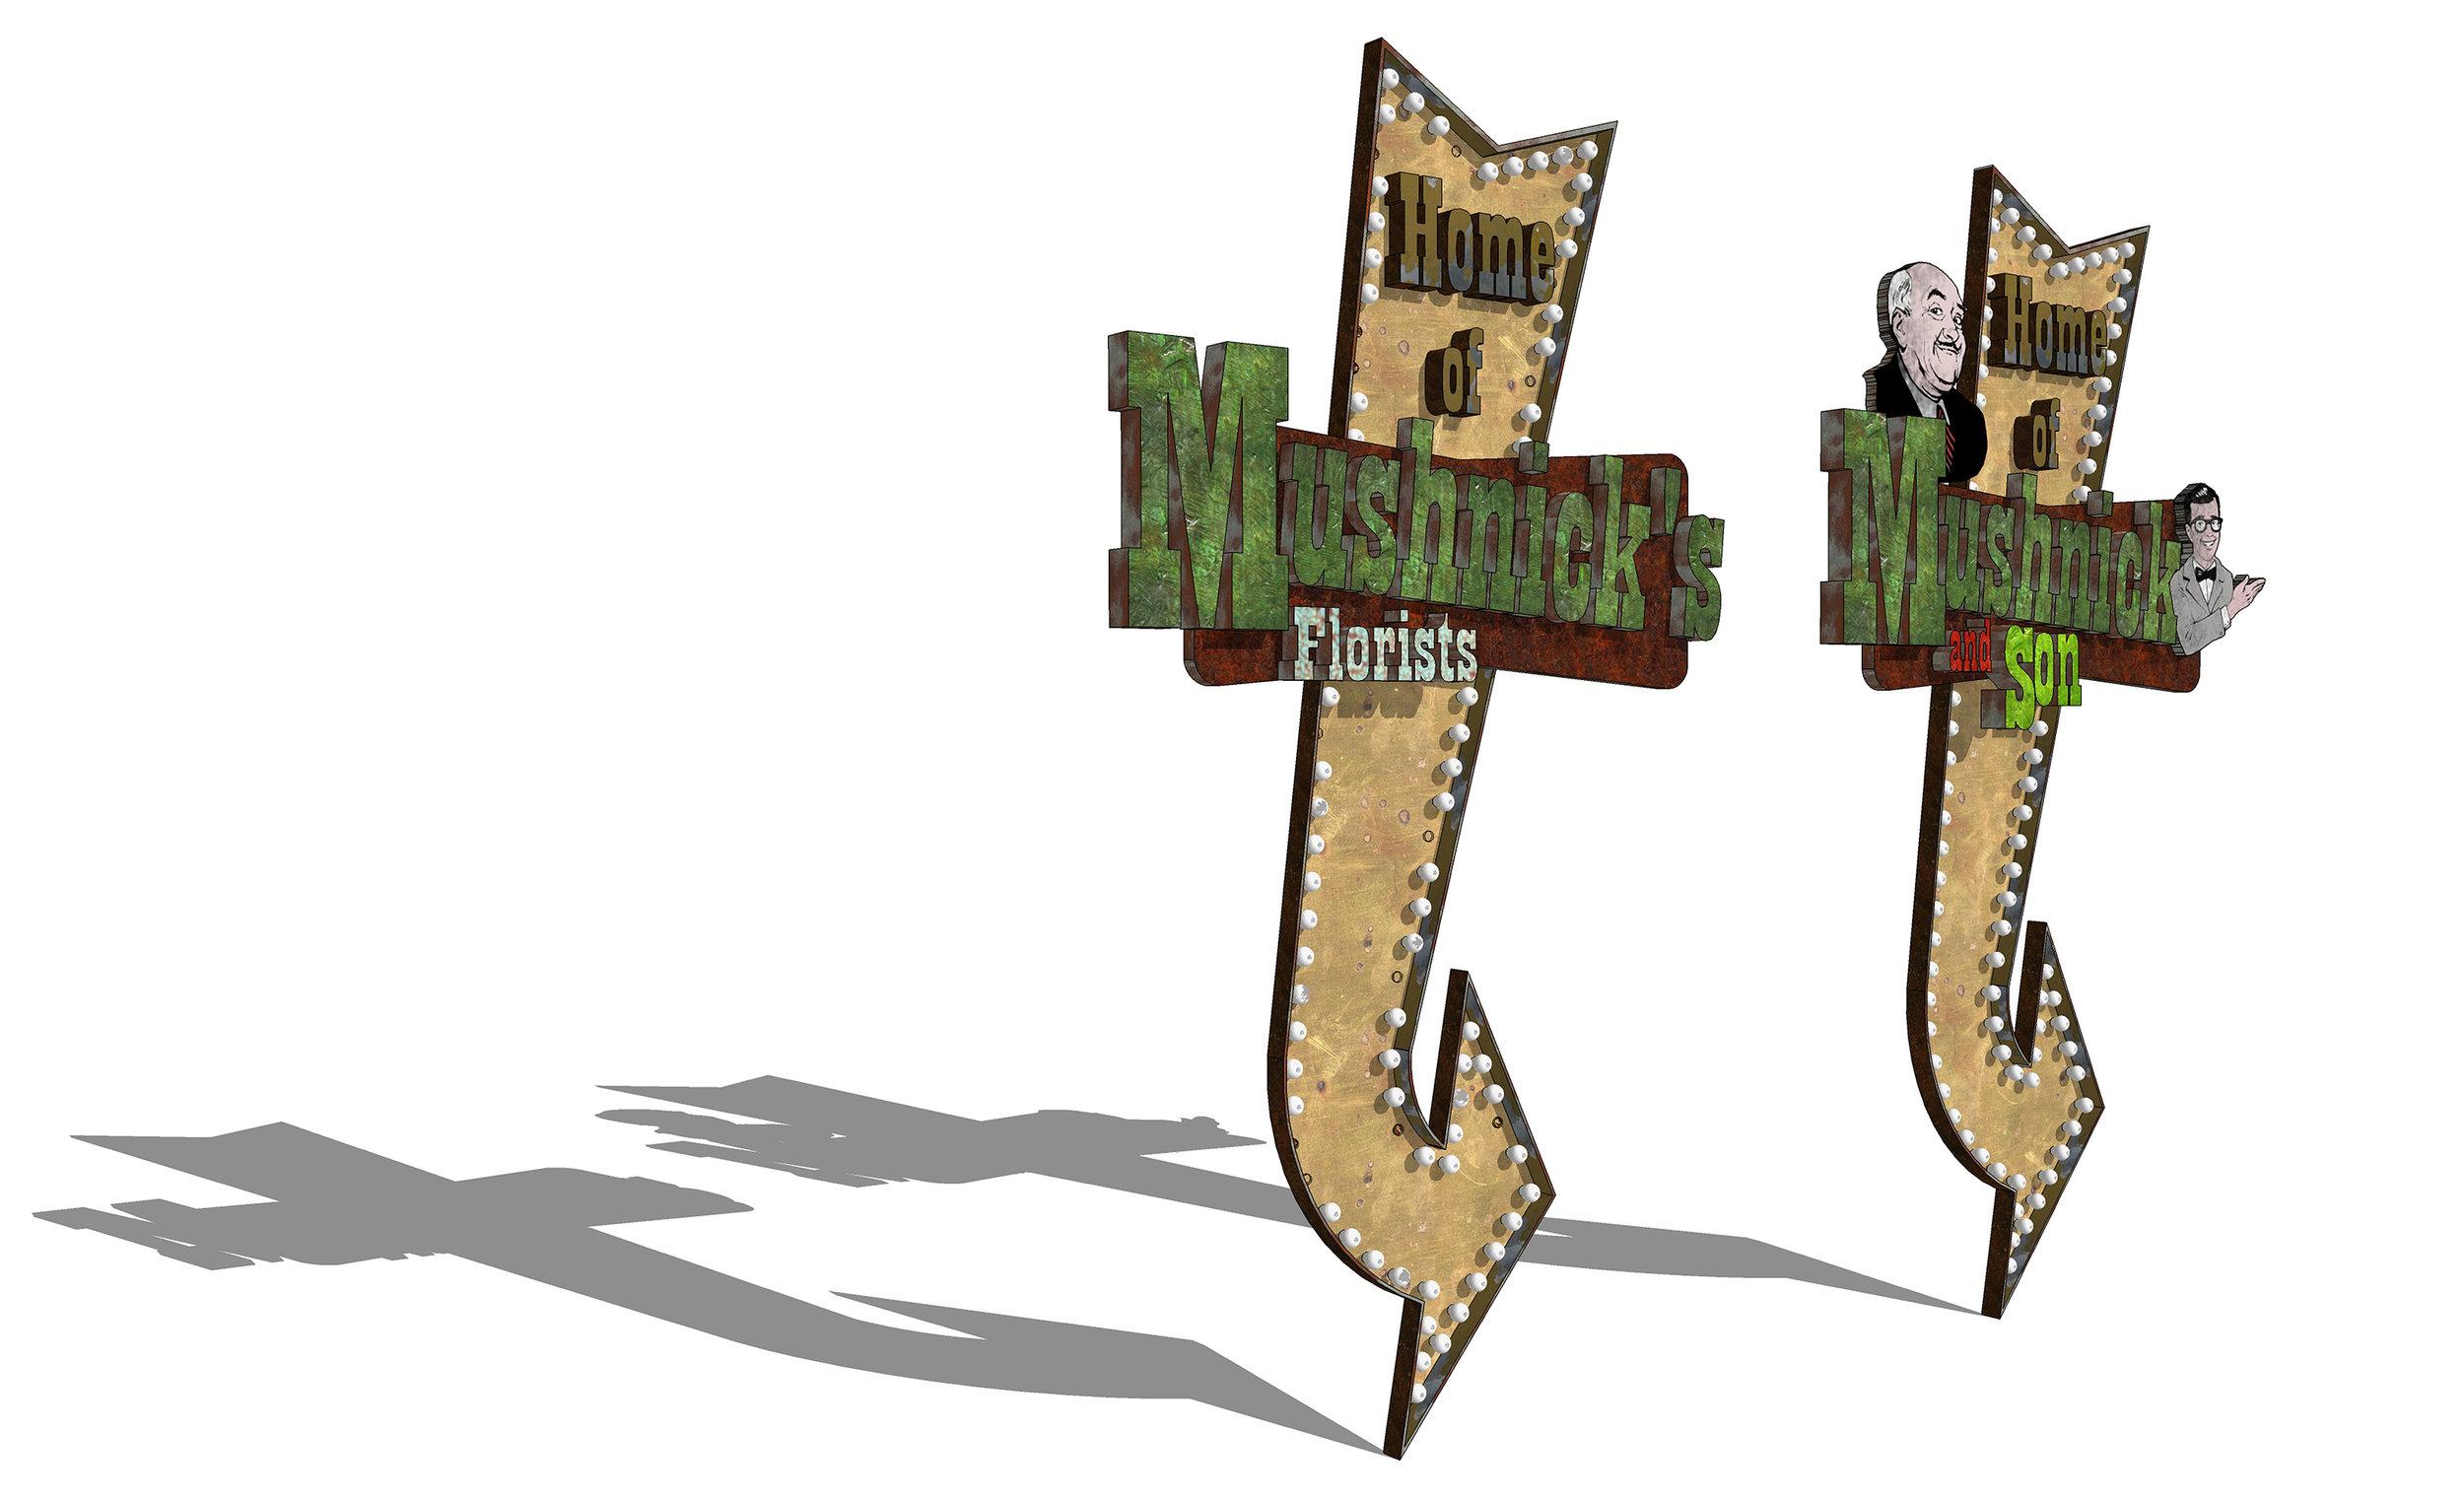 LSOH Mushnick Signs DesignSMALLER.jpg